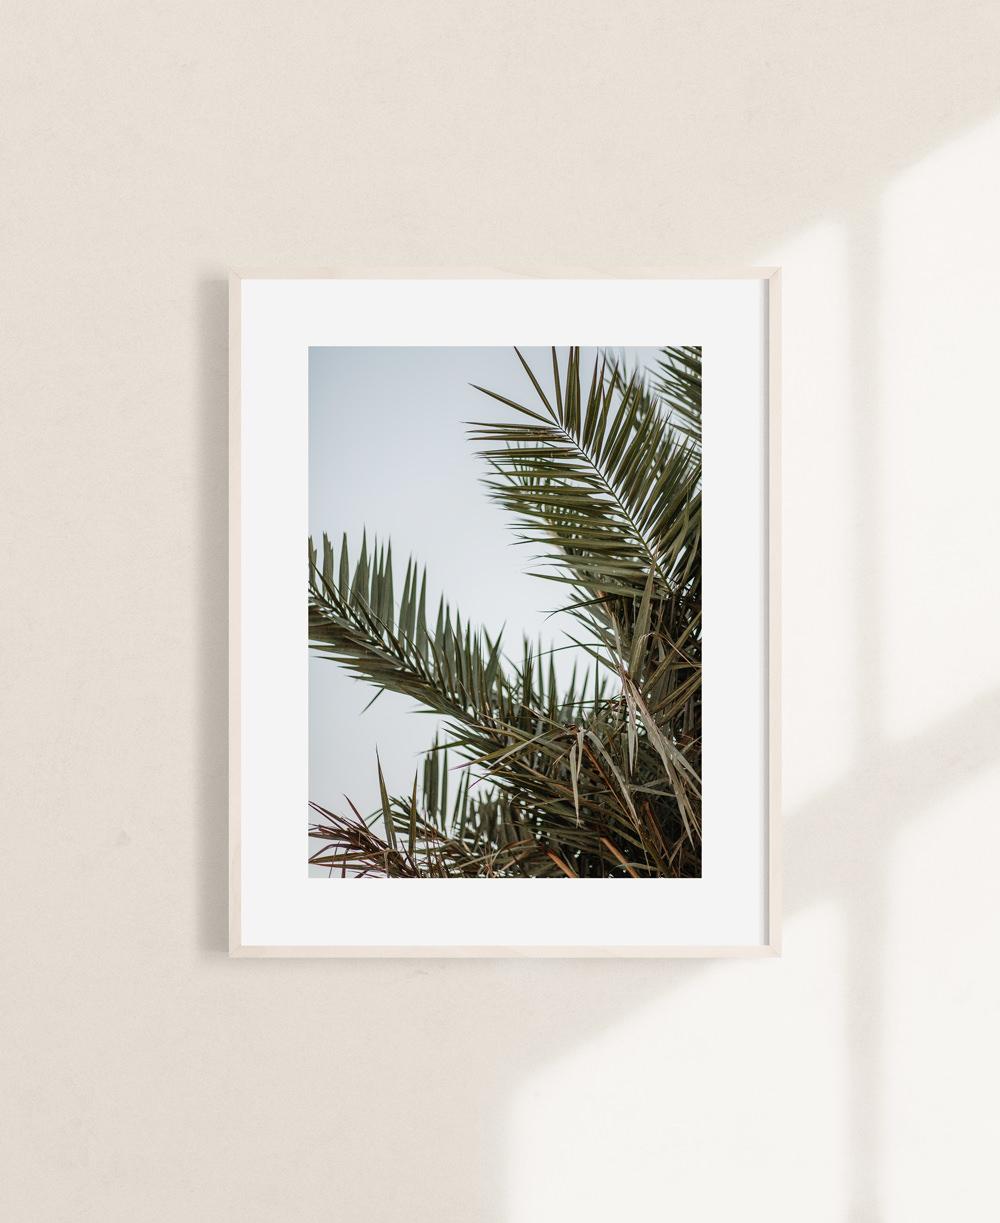 nicischwab-prints-019-palmleaves-02